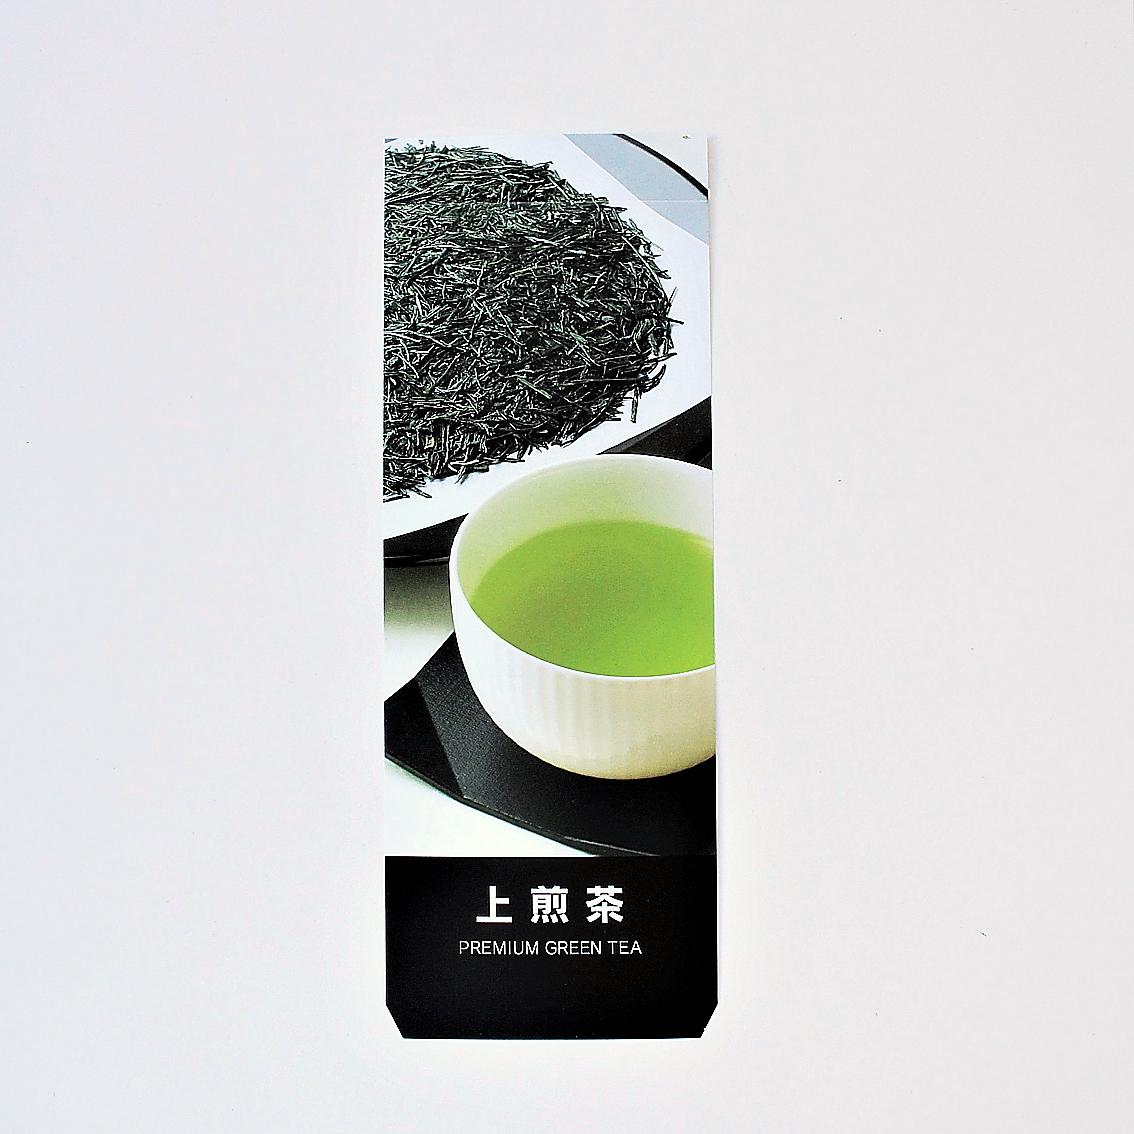 フレーバーカード(上煎茶)